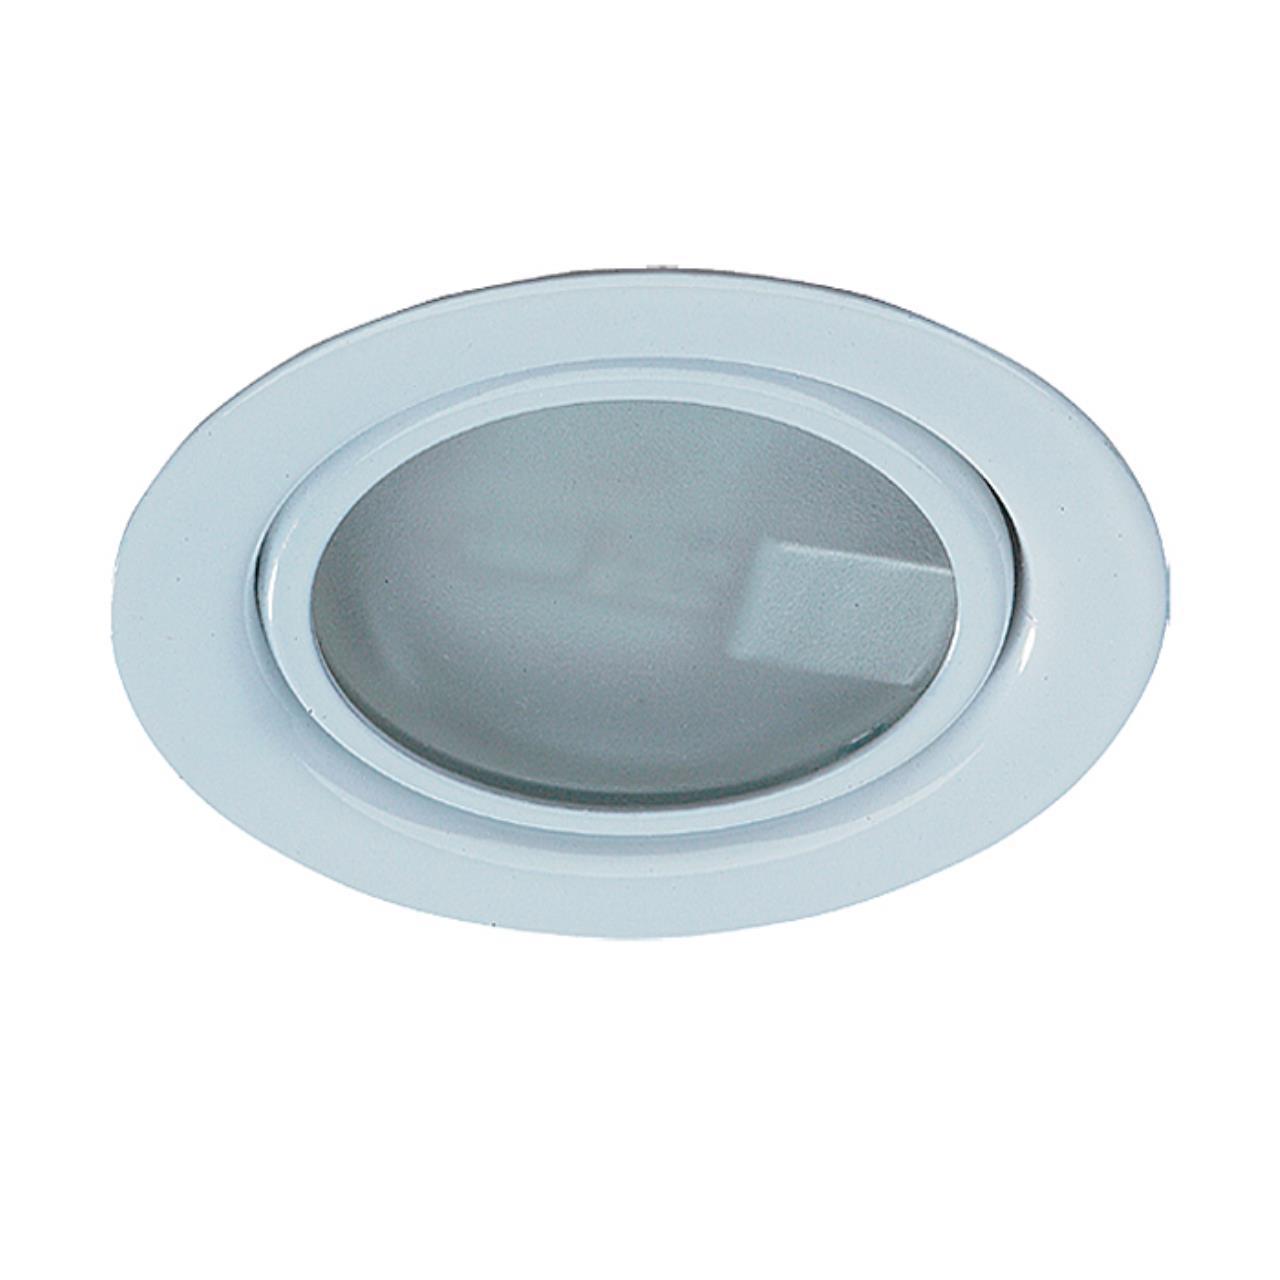 369344 SPOT NT09 134 белый свет Встраиваемый НП светильник IP20 G4 20W 12V FLAT